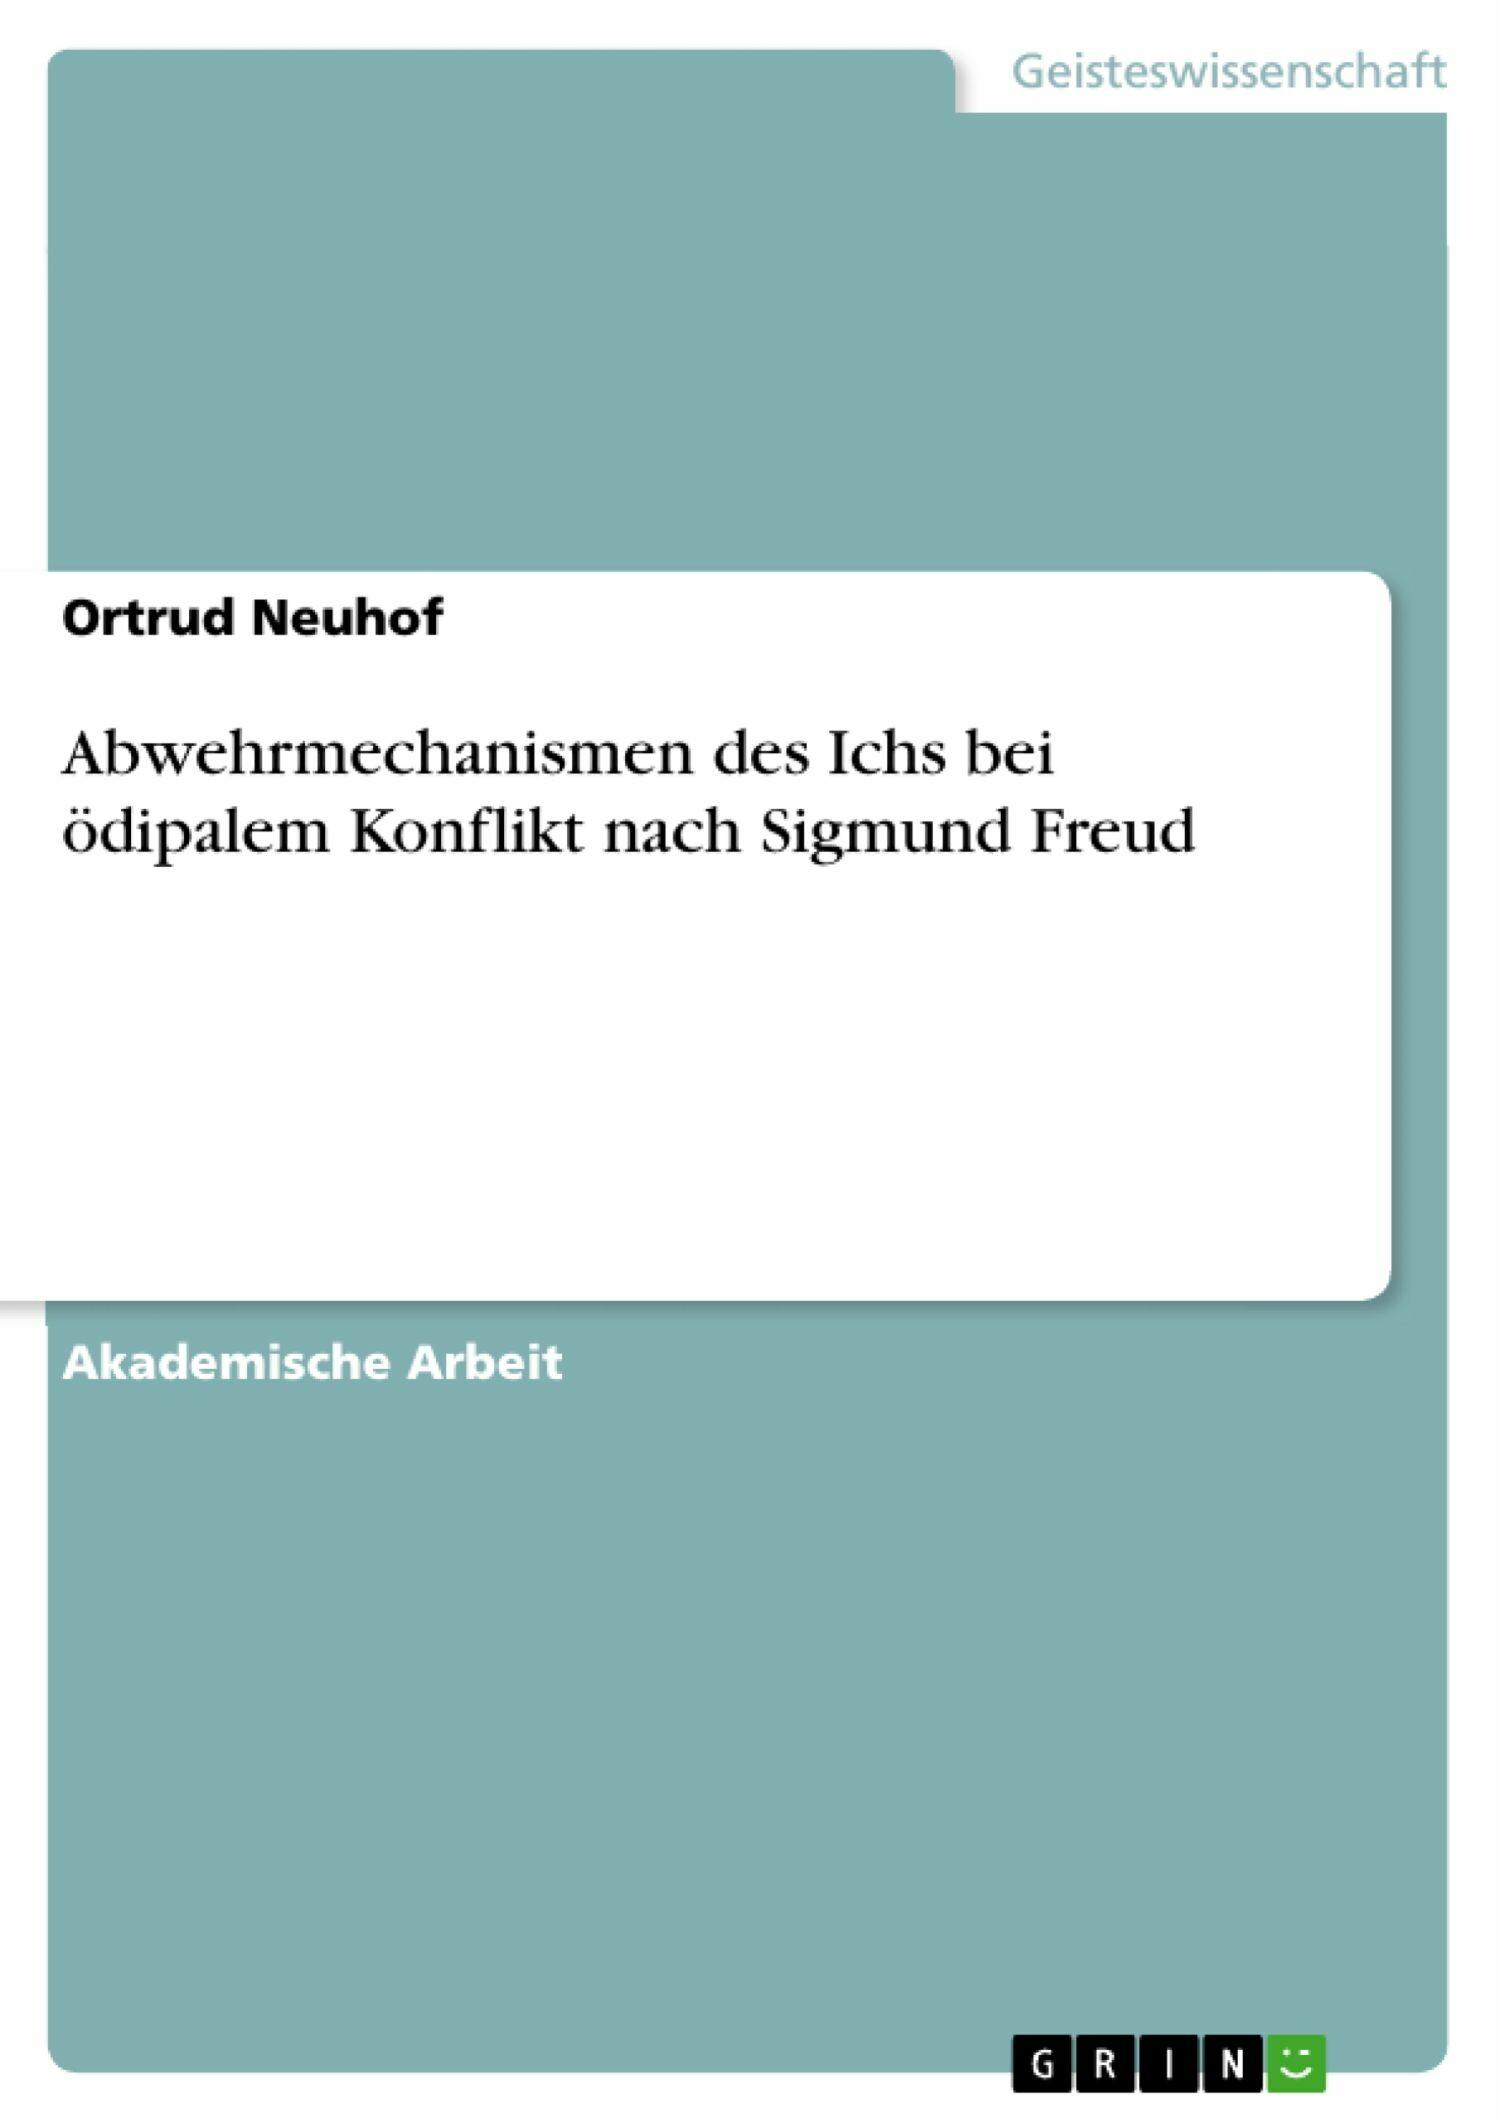 Abwehrmechanismen Freud Beispiele ebook abwehrmechanismen des ichs bei ödipalem konflikt nach sigmund freud